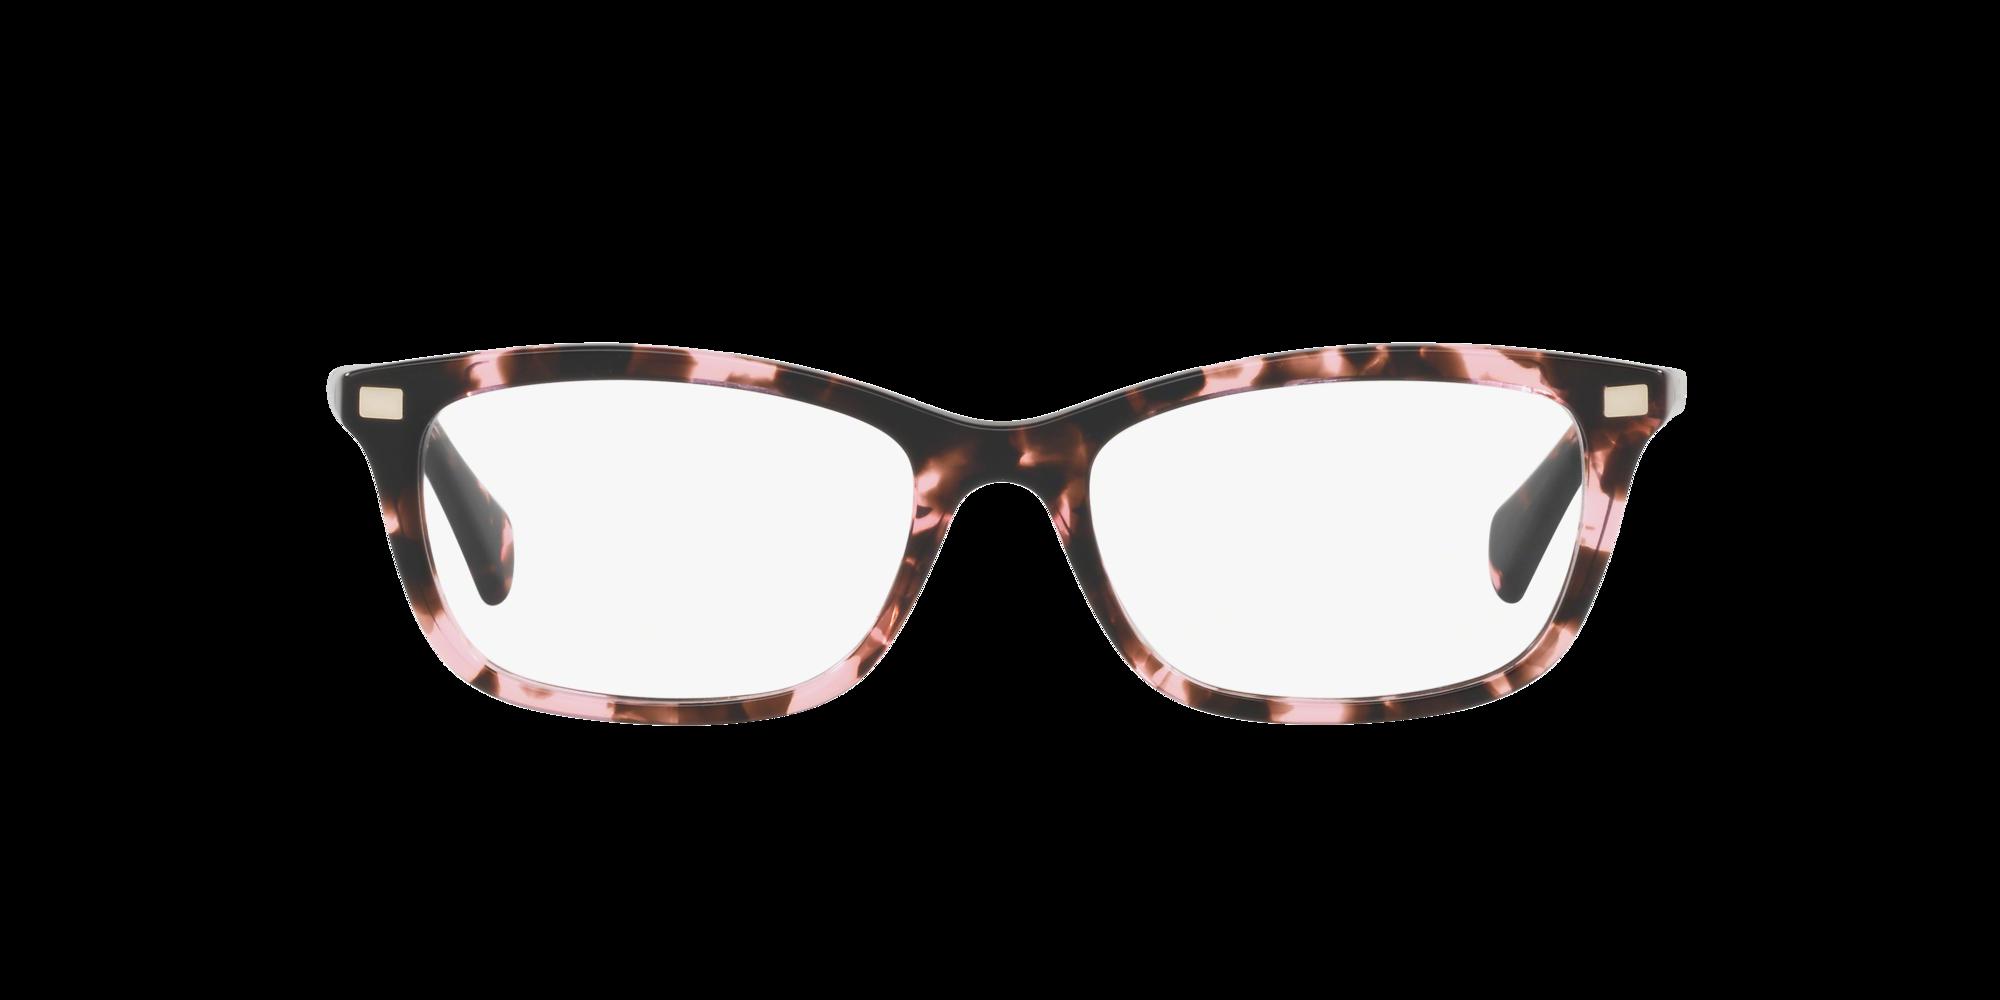 Imagen para RA7089 de LensCrafters |  Espejuelos, espejuelos graduados en línea, gafas